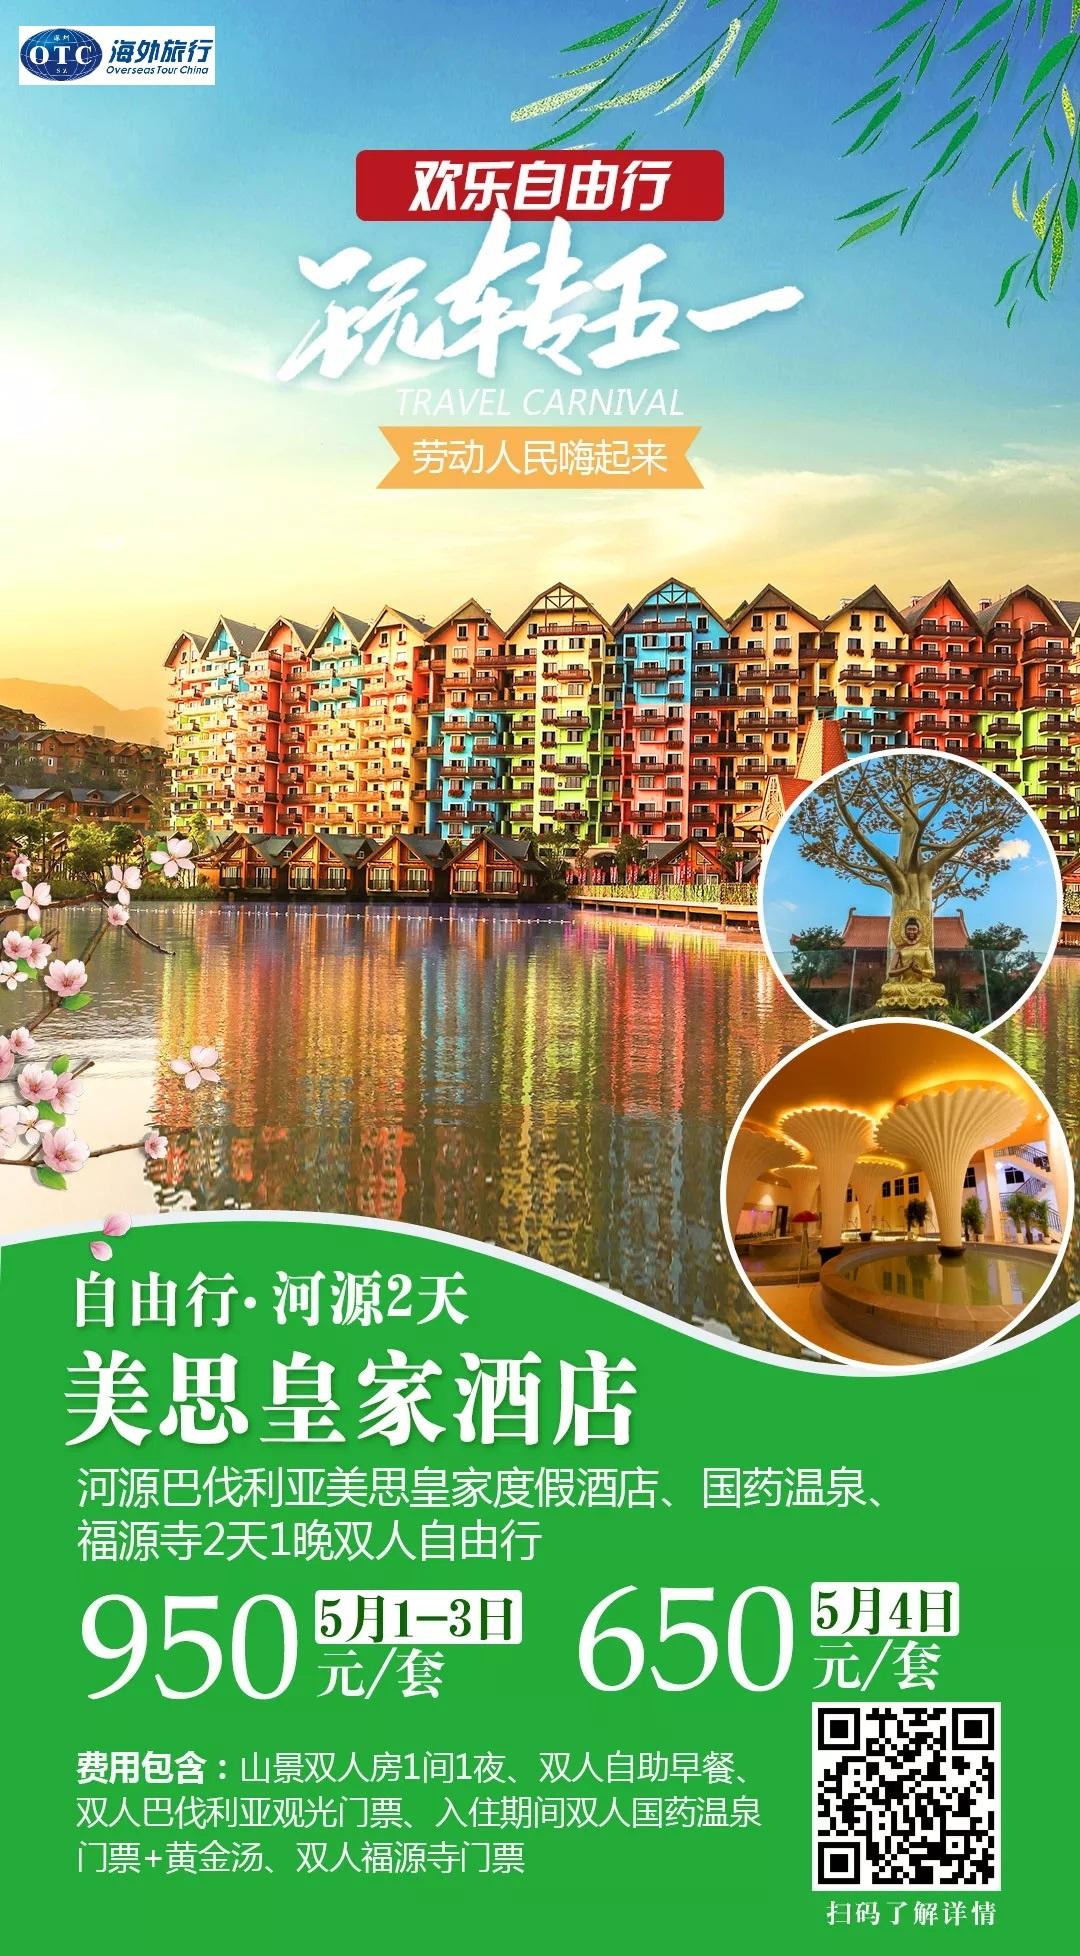 【假日游】节假日带家人去哪里度假?广东周边游节假日自由行套餐推荐